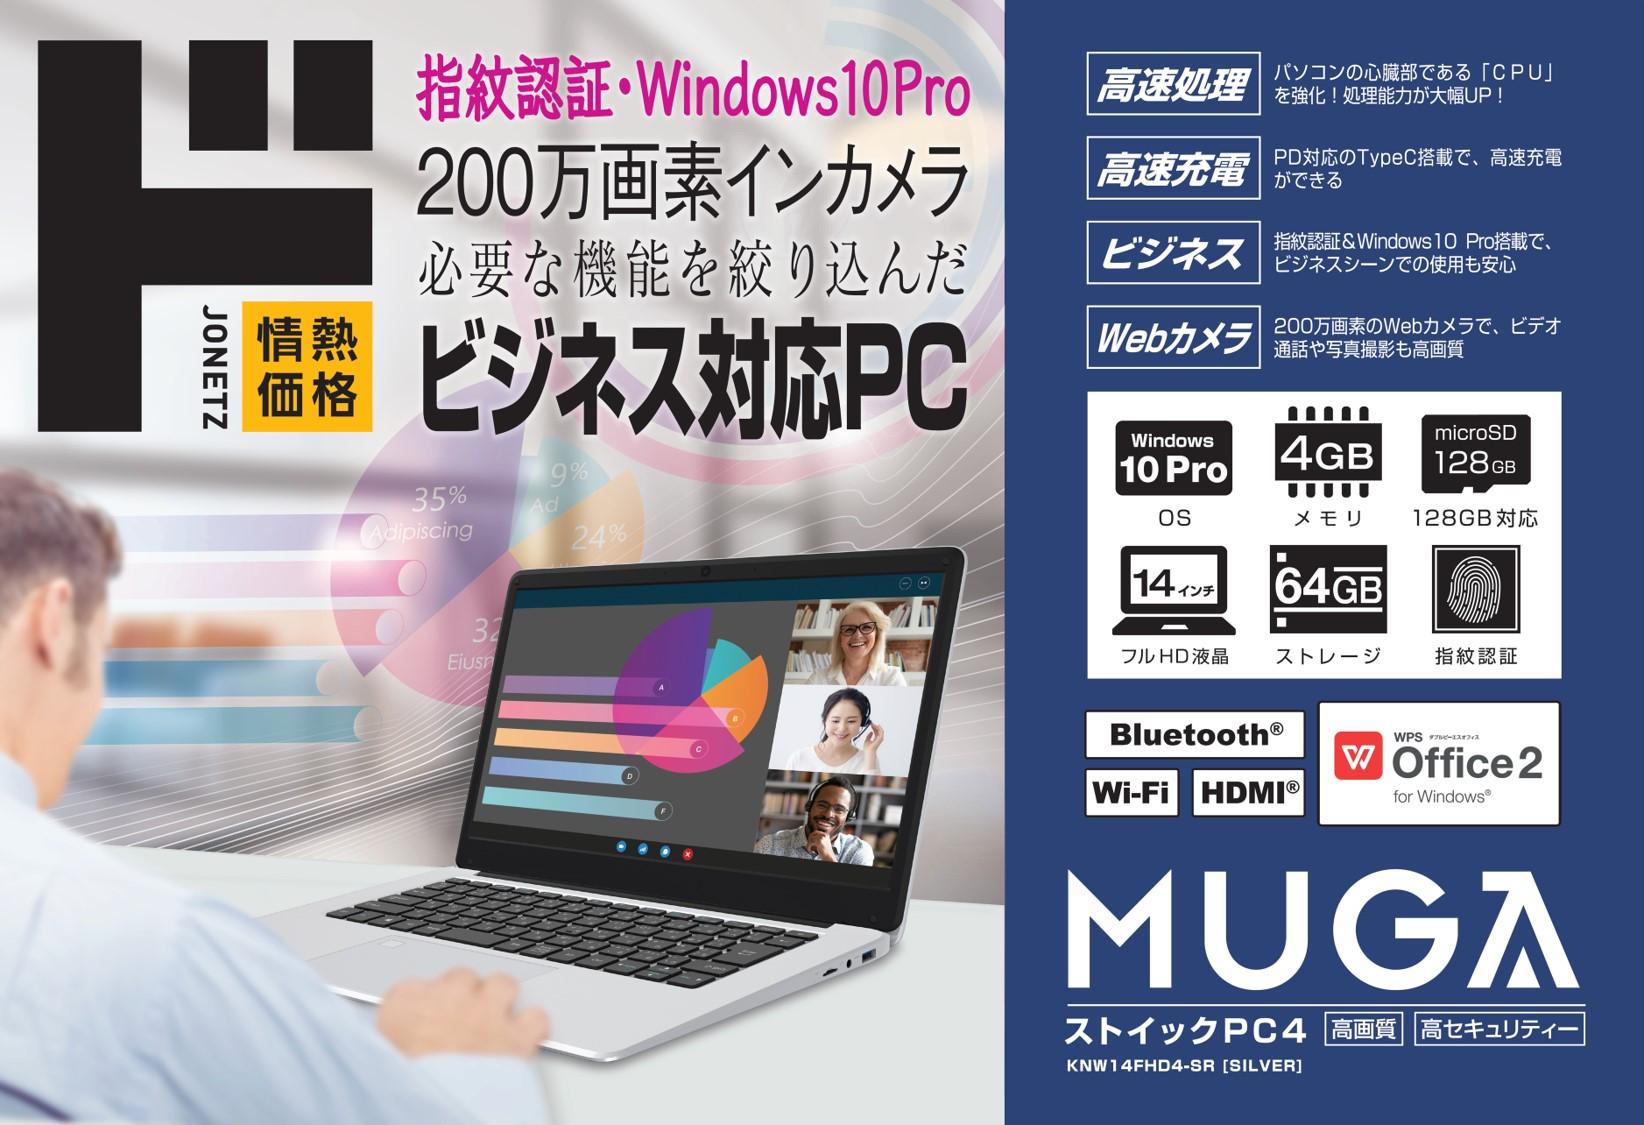 ビジネスシーンでの使用を視野に入れた驚安ノートPC!!『MUGA(ムガ)ストイックPC4』 画像